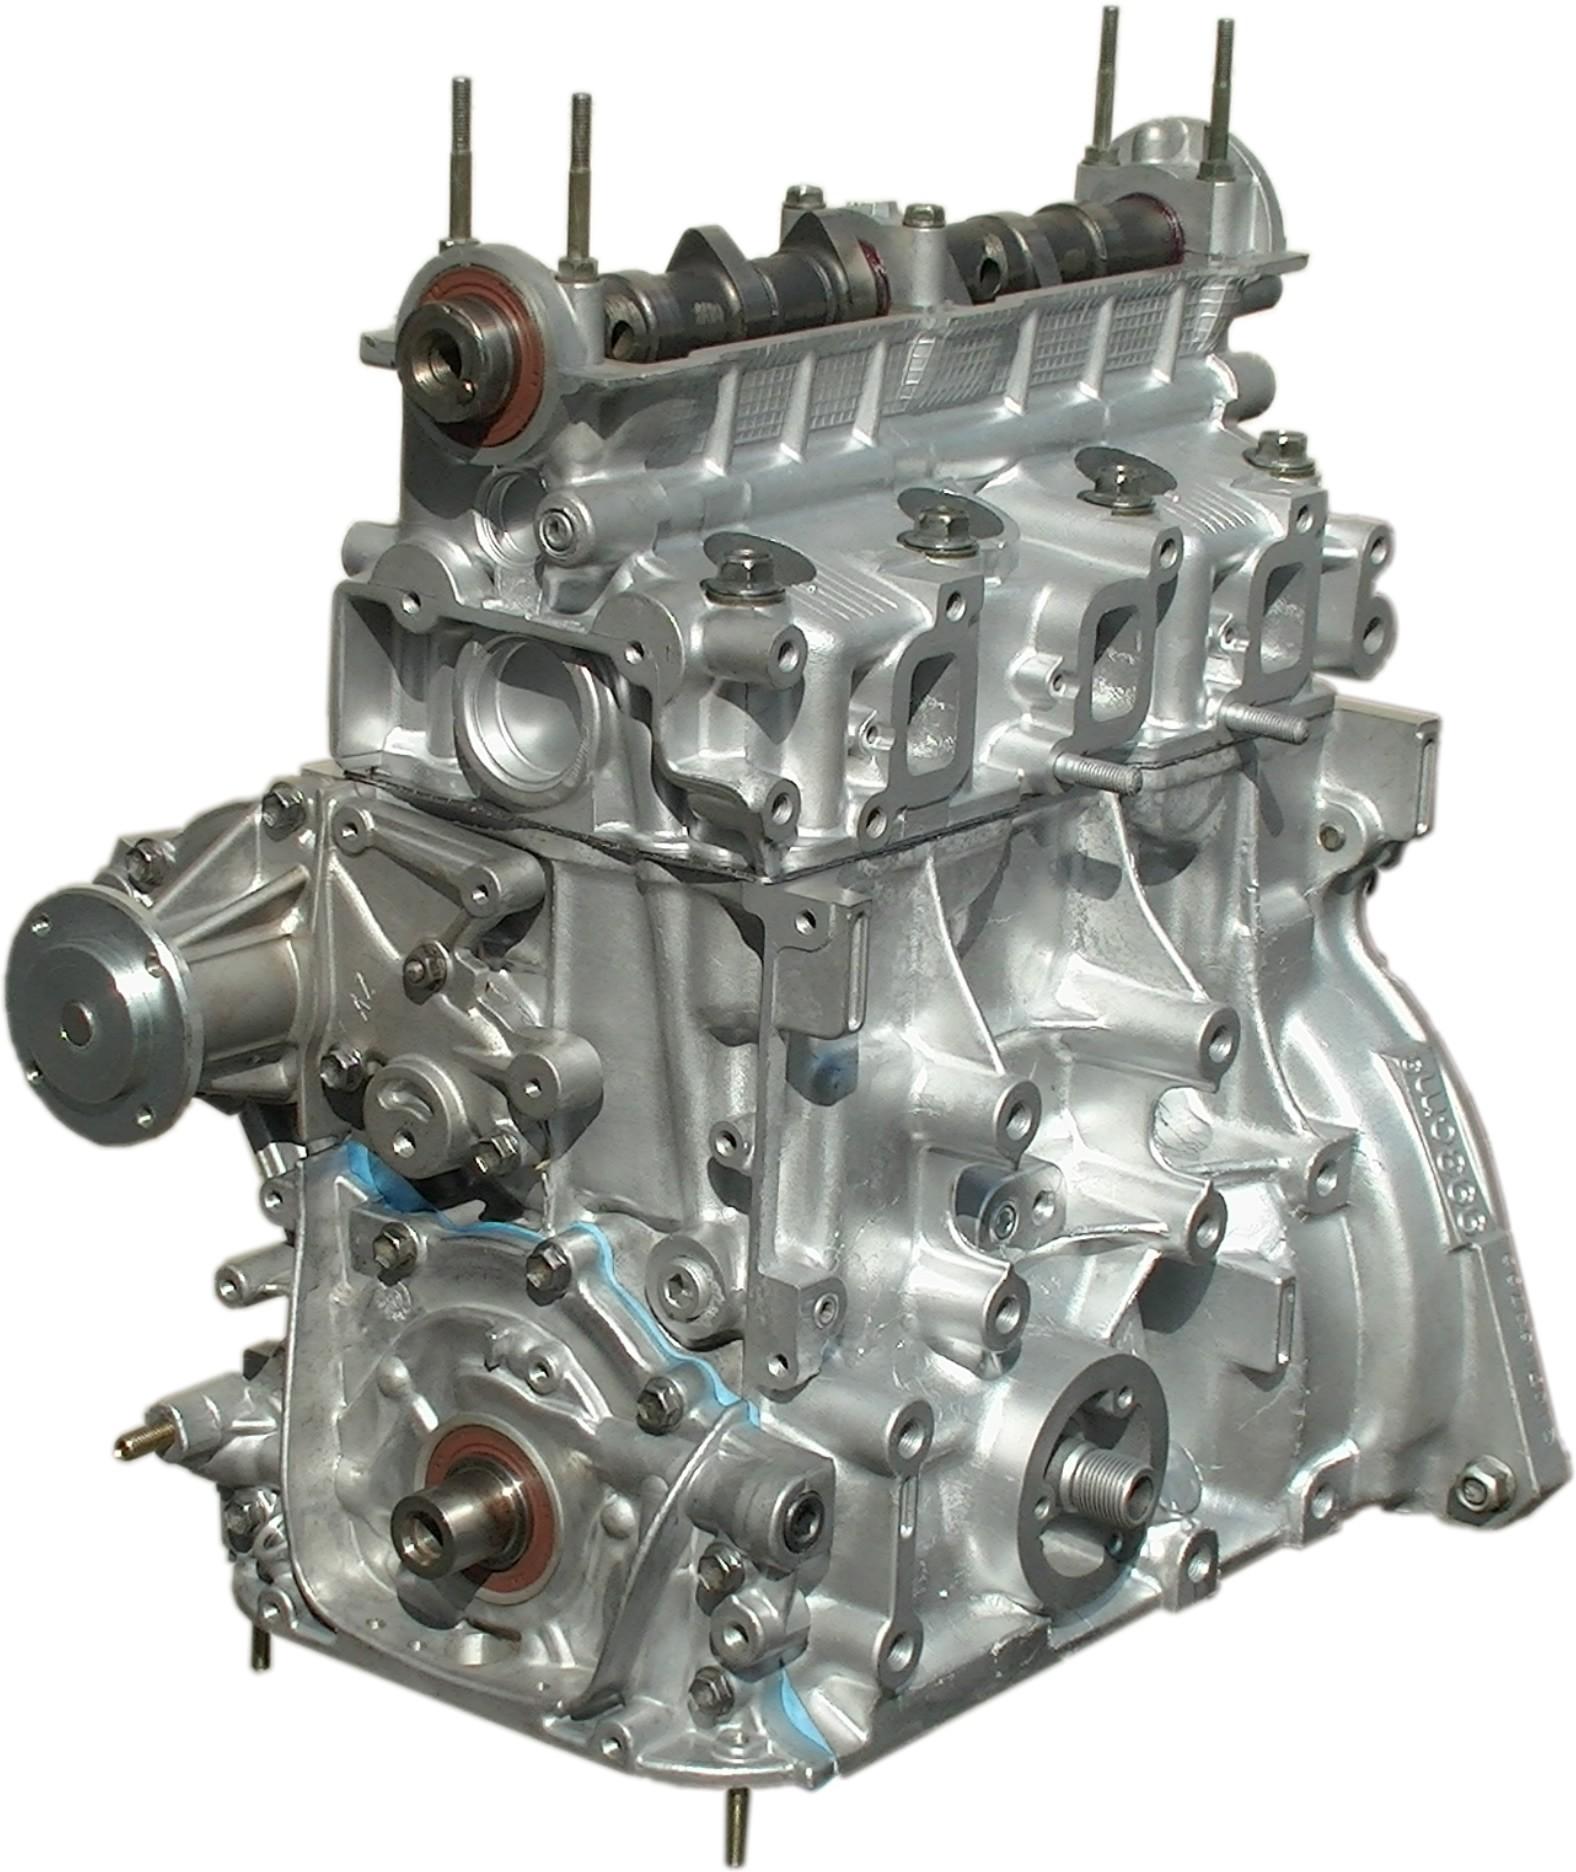 hight resolution of geo metro 1 0 engine parts diagram 14 14 tridonicsignage de u2022geo metro 1 0